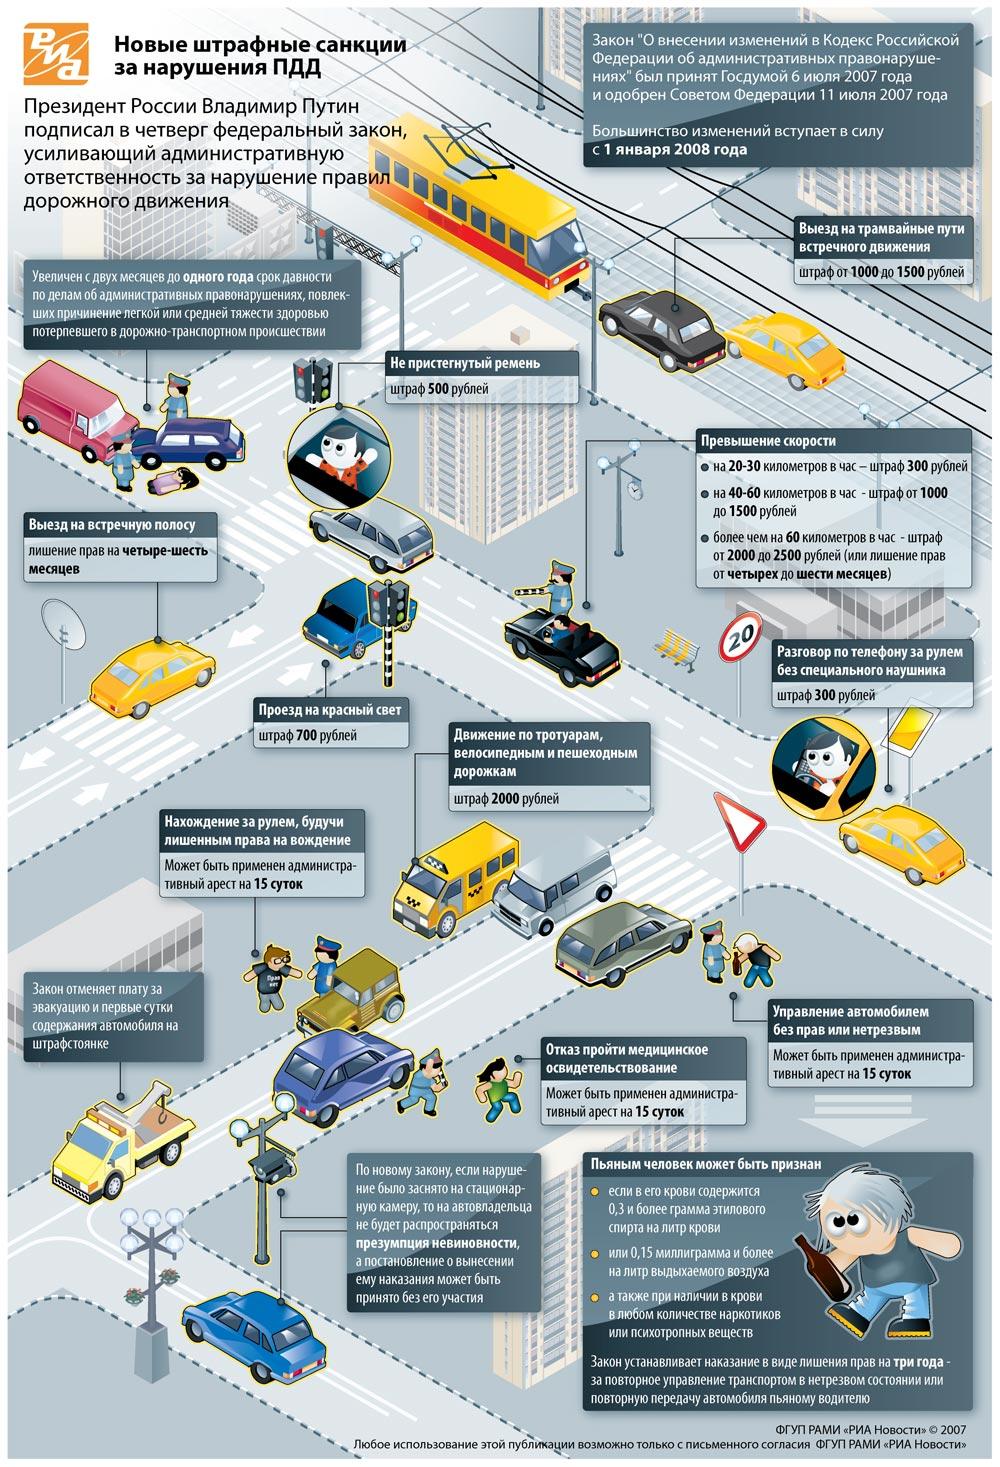 Президент ужесточил наказание за нарушение ПДД (инфографика)